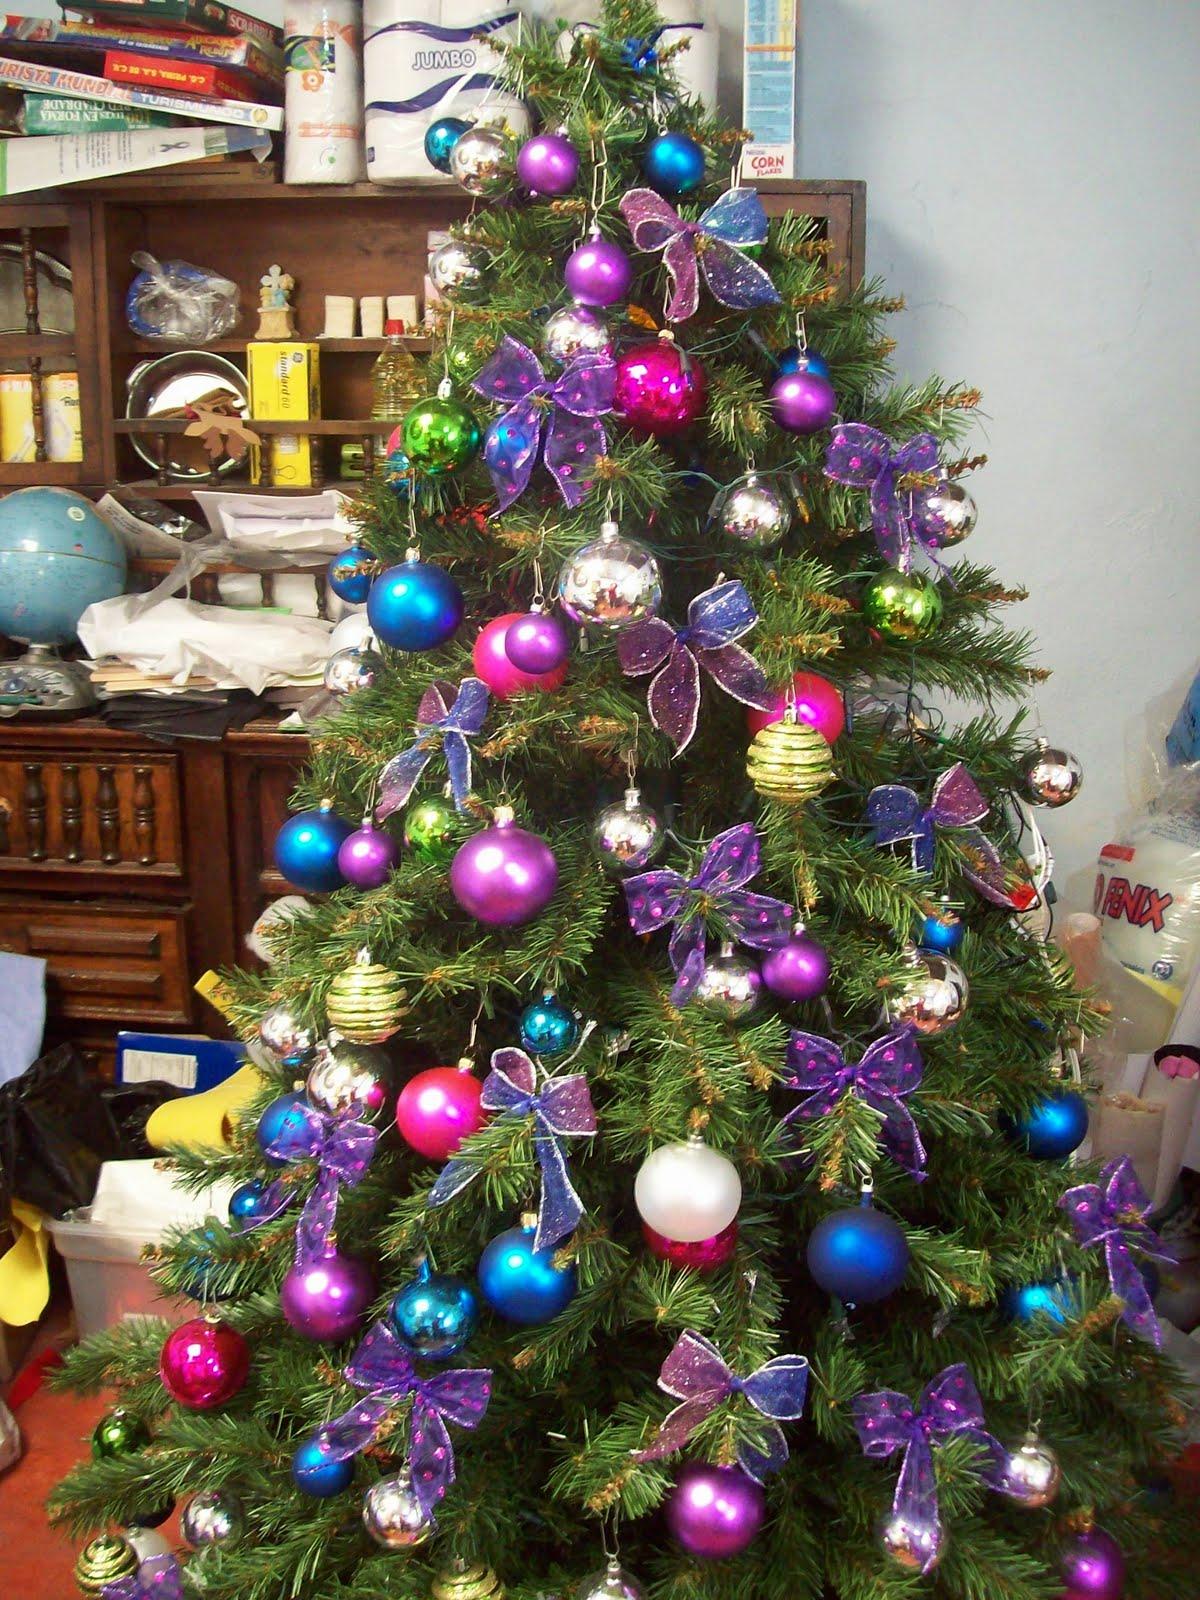 Shexeldetallitos blog de manualidades mi arbol de navidad - Imagenes de arboles navidad decorados ...